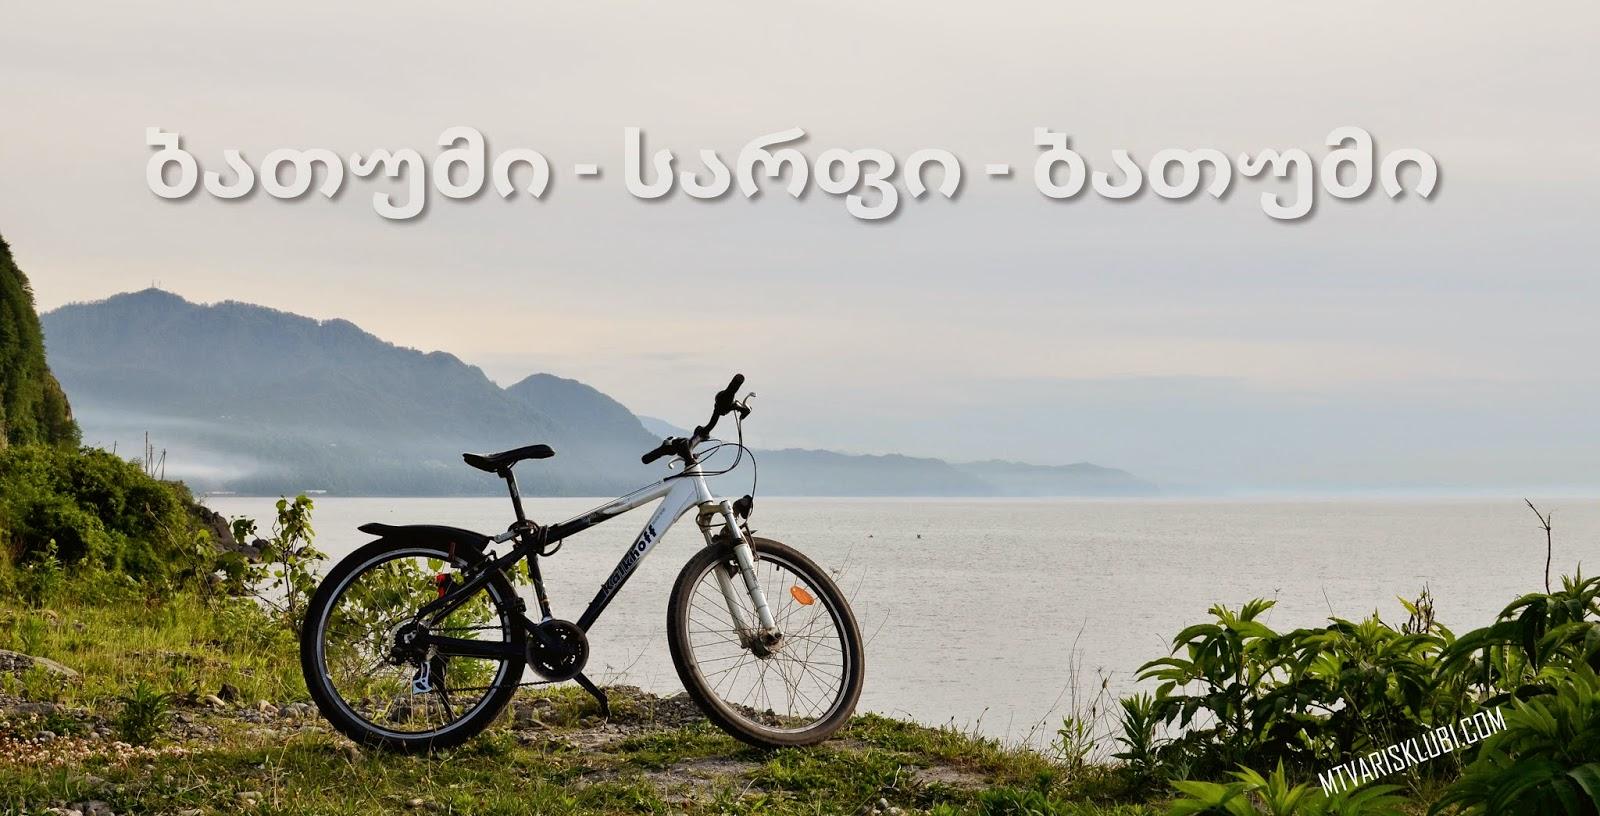 ბათუმი - სარფი - ბათუმი Bicycle tour